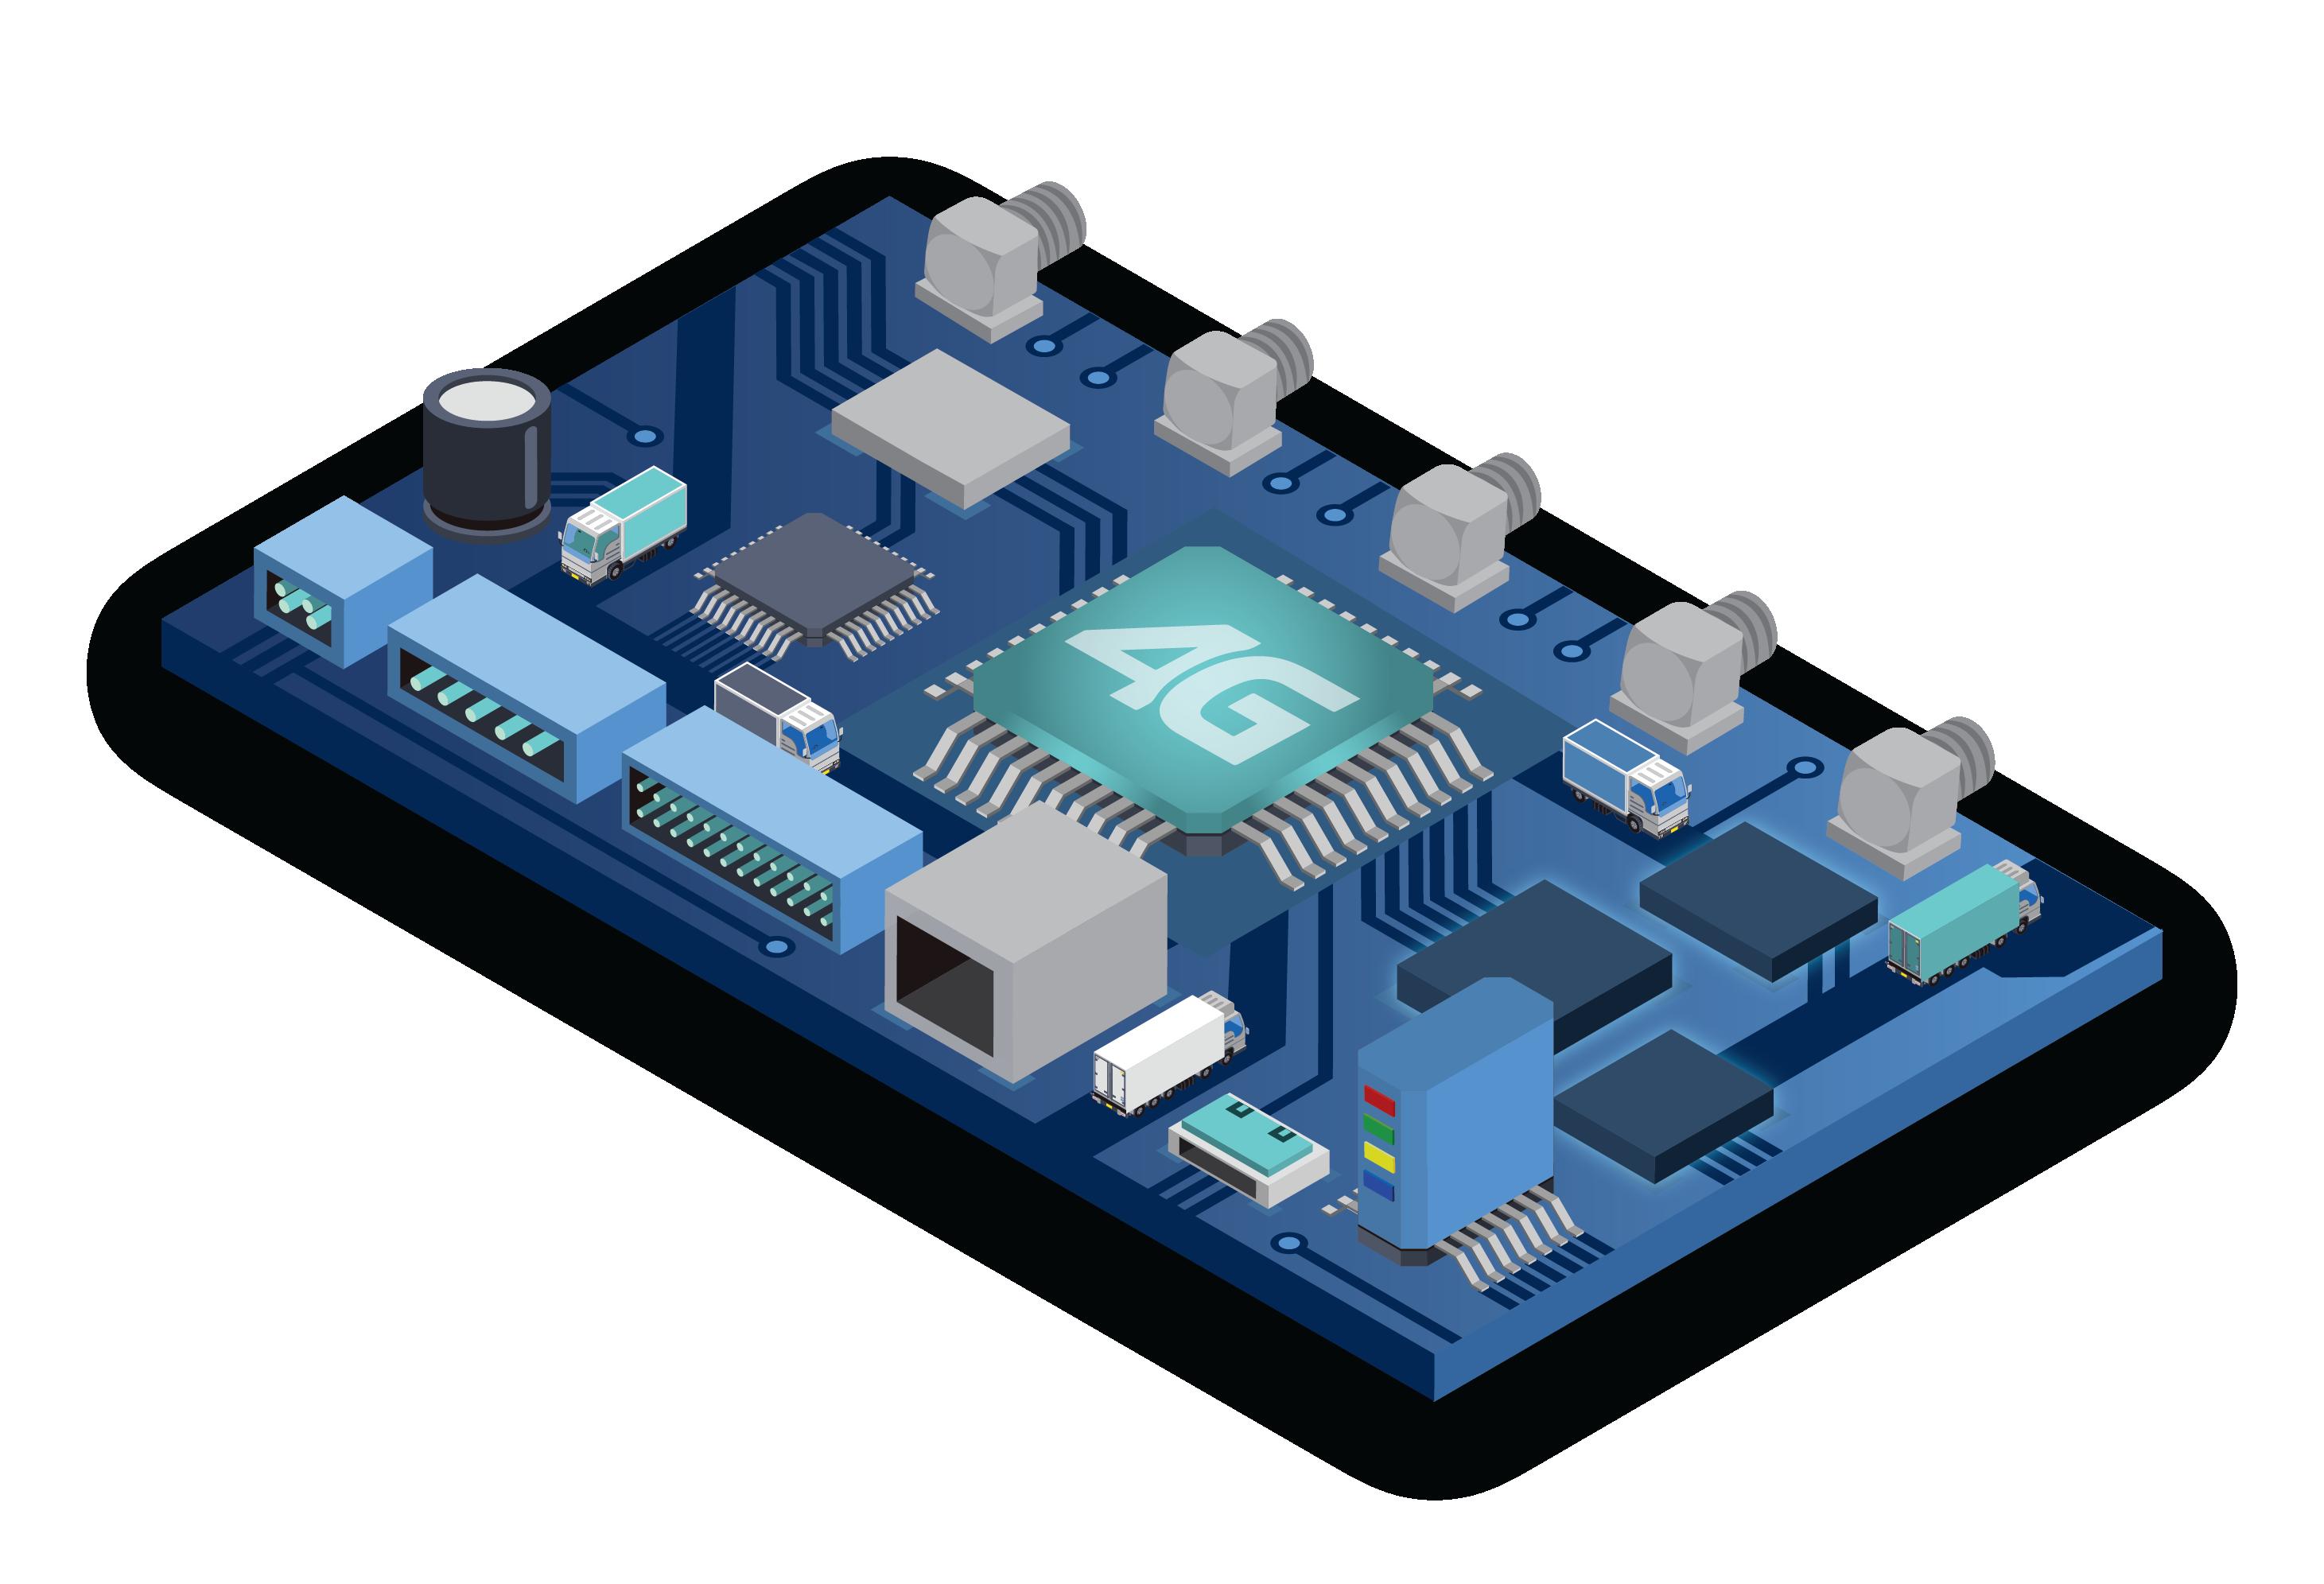 Syrus 4G PCB